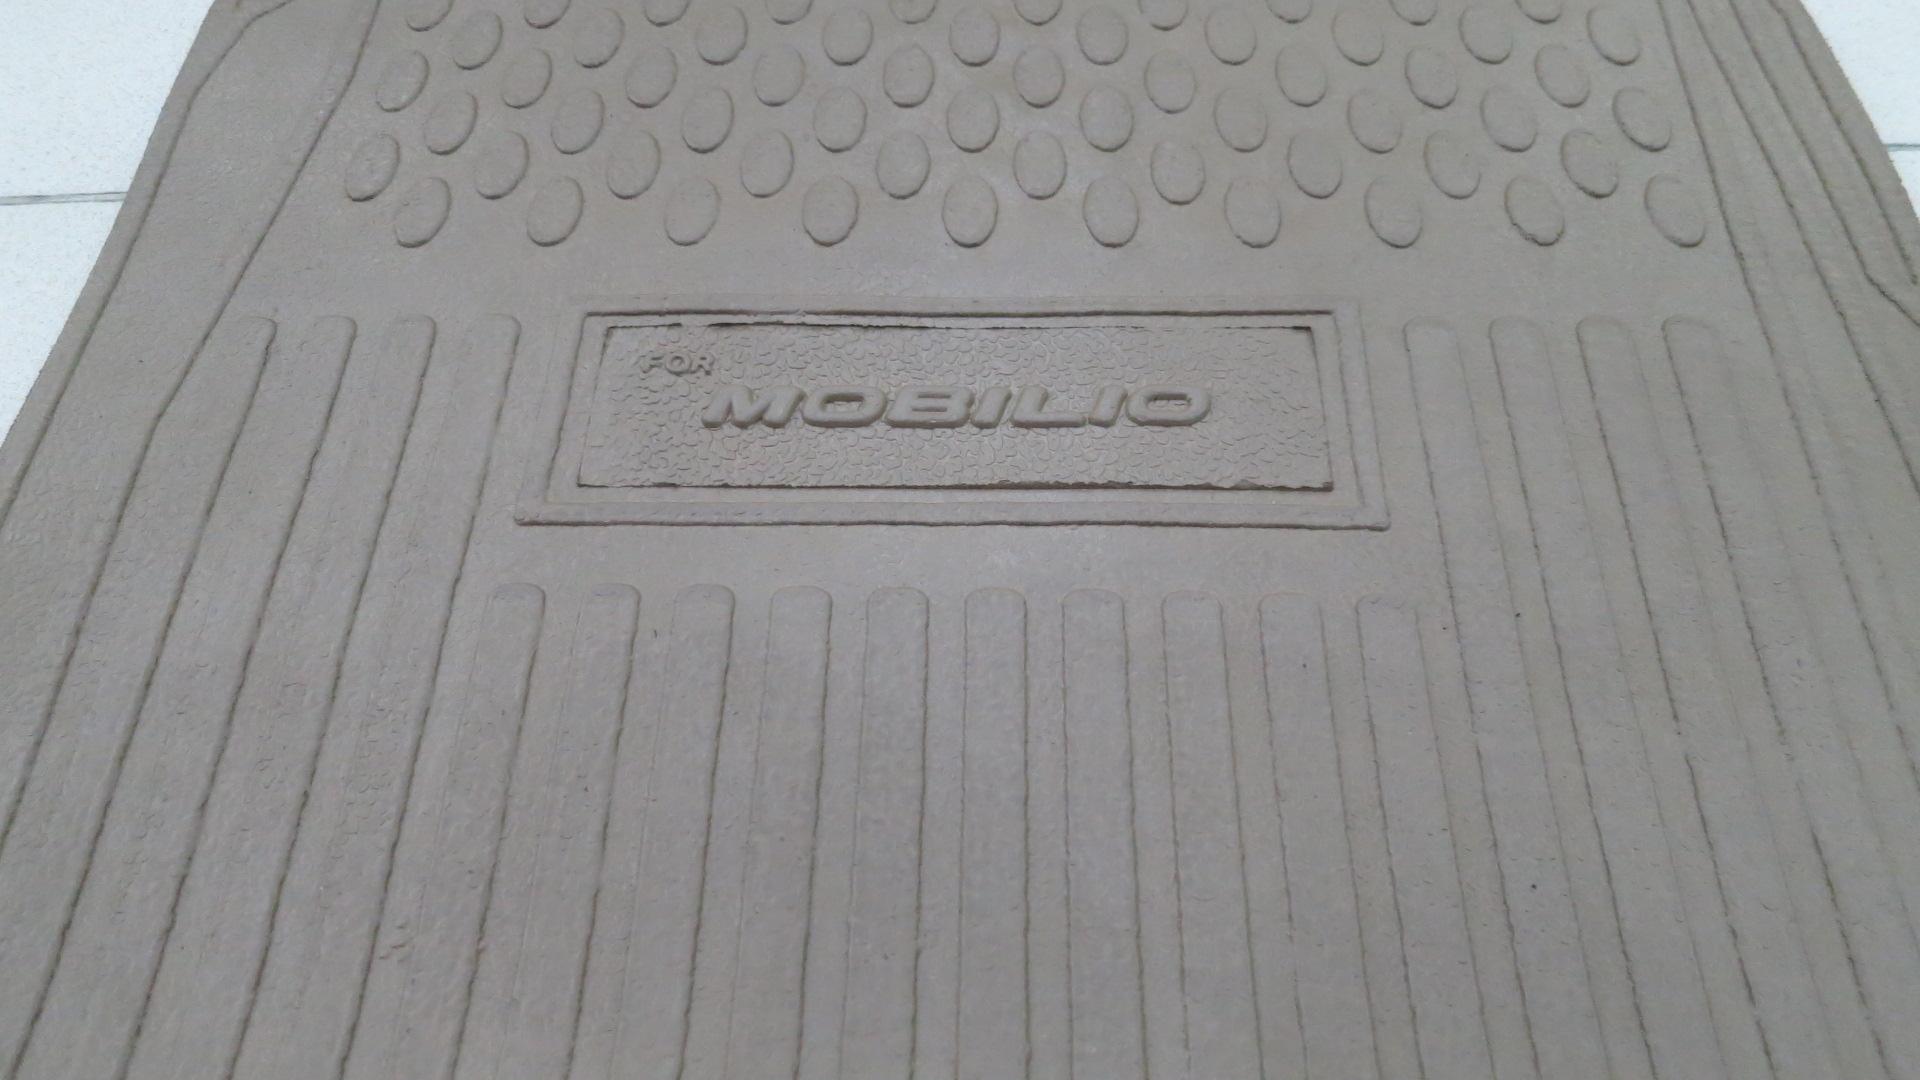 Fitur Karpet Karet Honda Mobilio Full Set Mocca Dan Harga Terbaru Ellips Keratin Hair Mask Sachet 18gr Detail Gambar Terkini